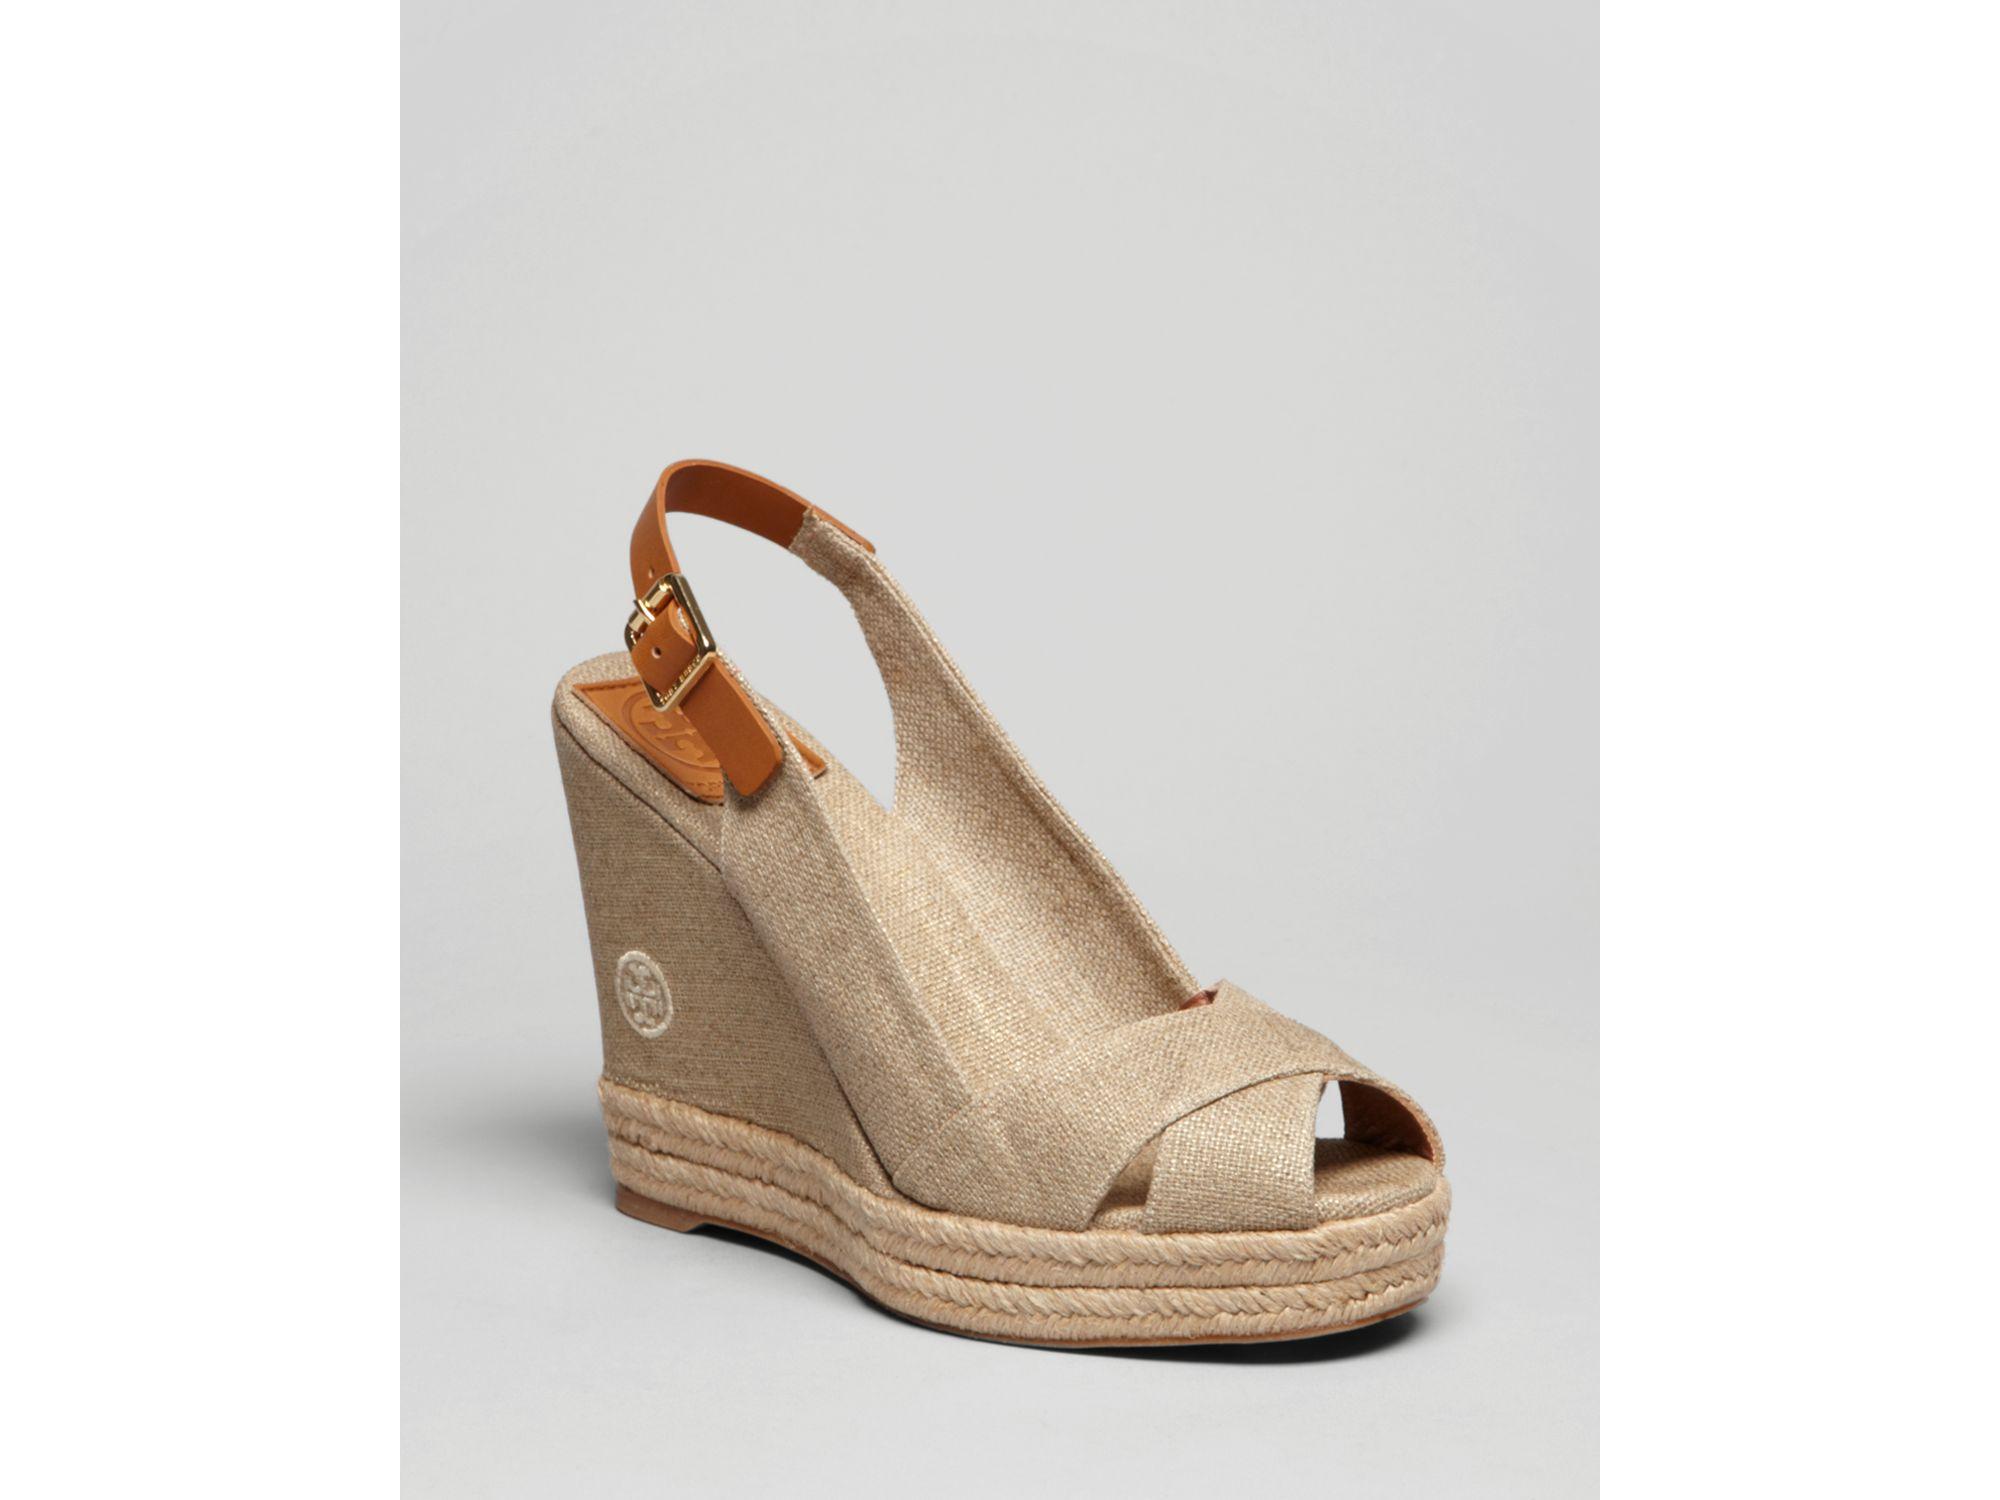 ab4f3c14b7 Tory Burch Peep Toe Platform Wedge Sandals Beller Slingback in Brown ...